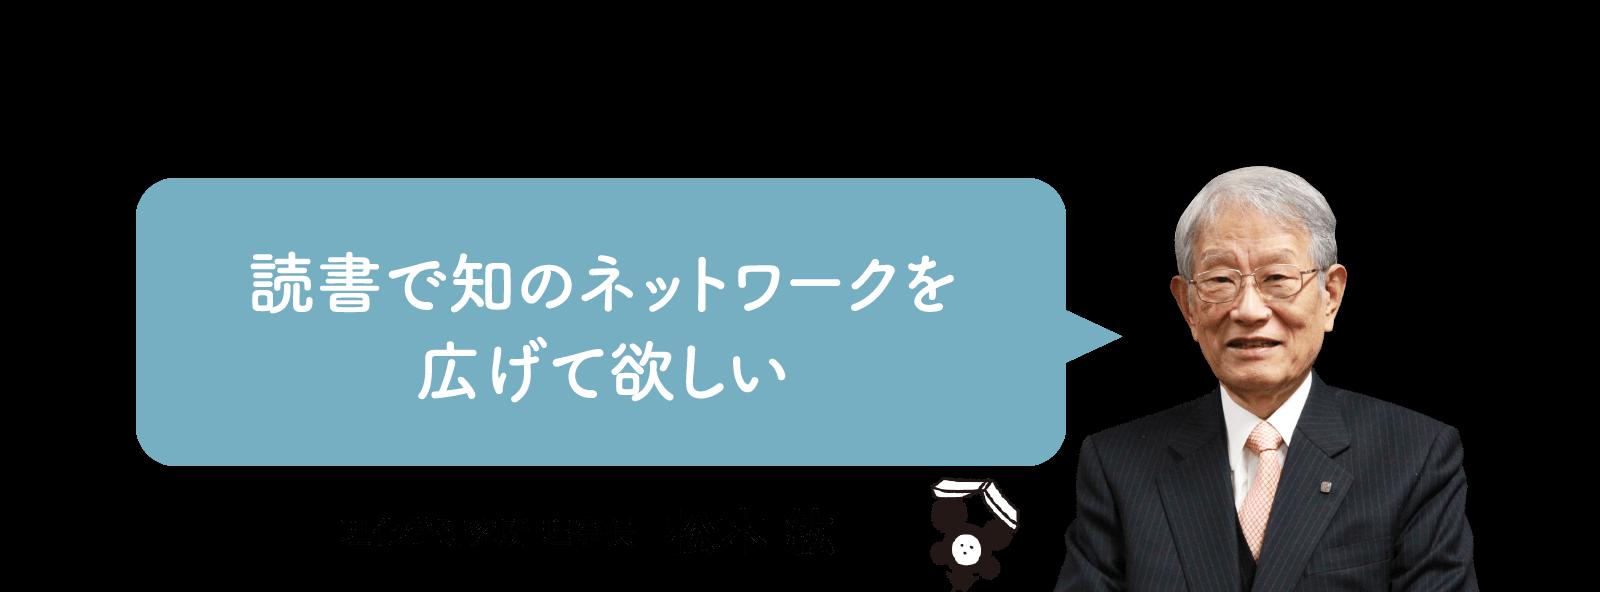 「読書で知のネットワークを広げてほしい」松本紘理事長インタビュー